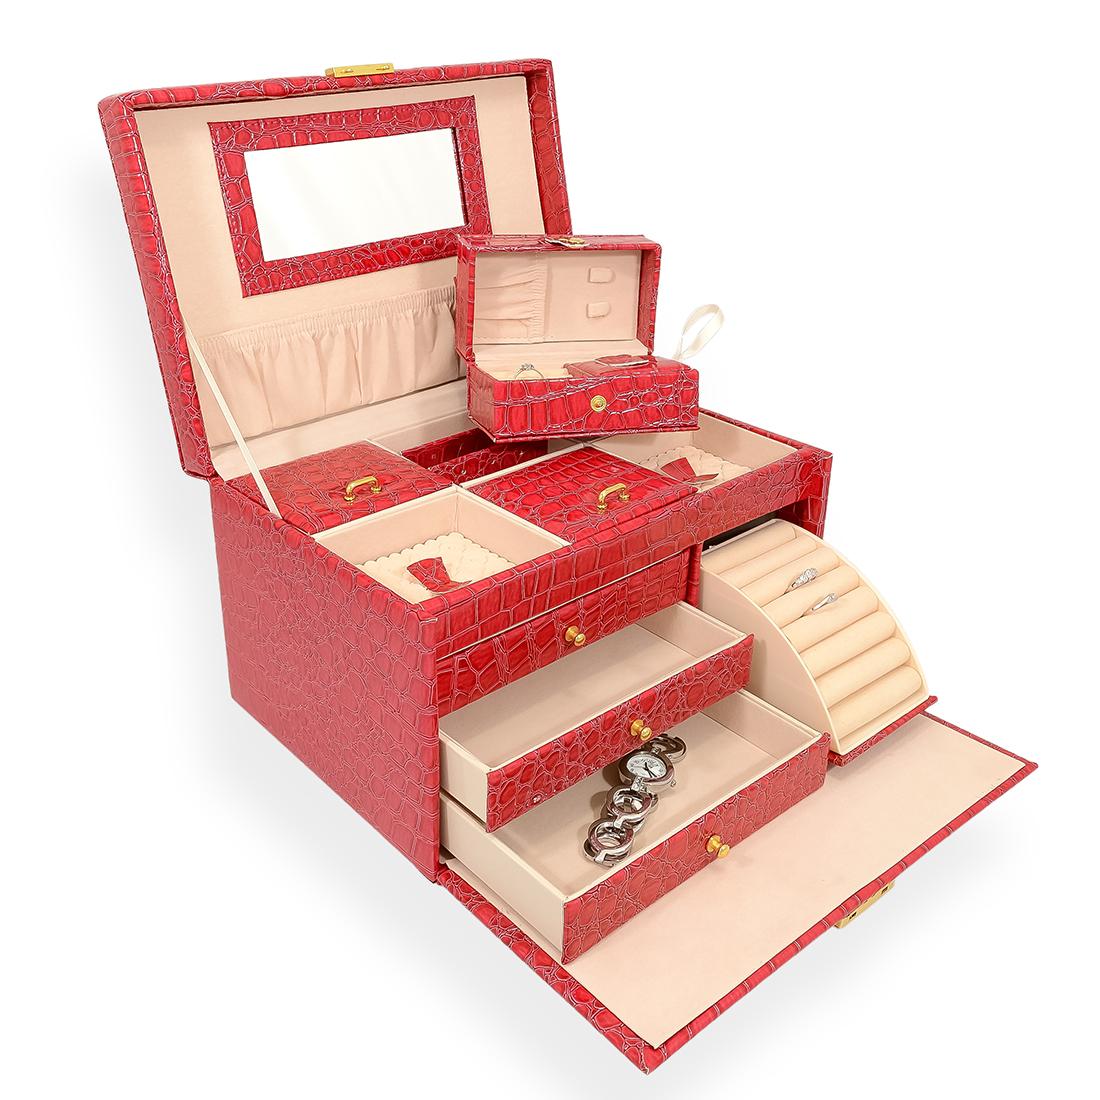 Šperkovnice JKBox SP951-A6 tmavě růžová